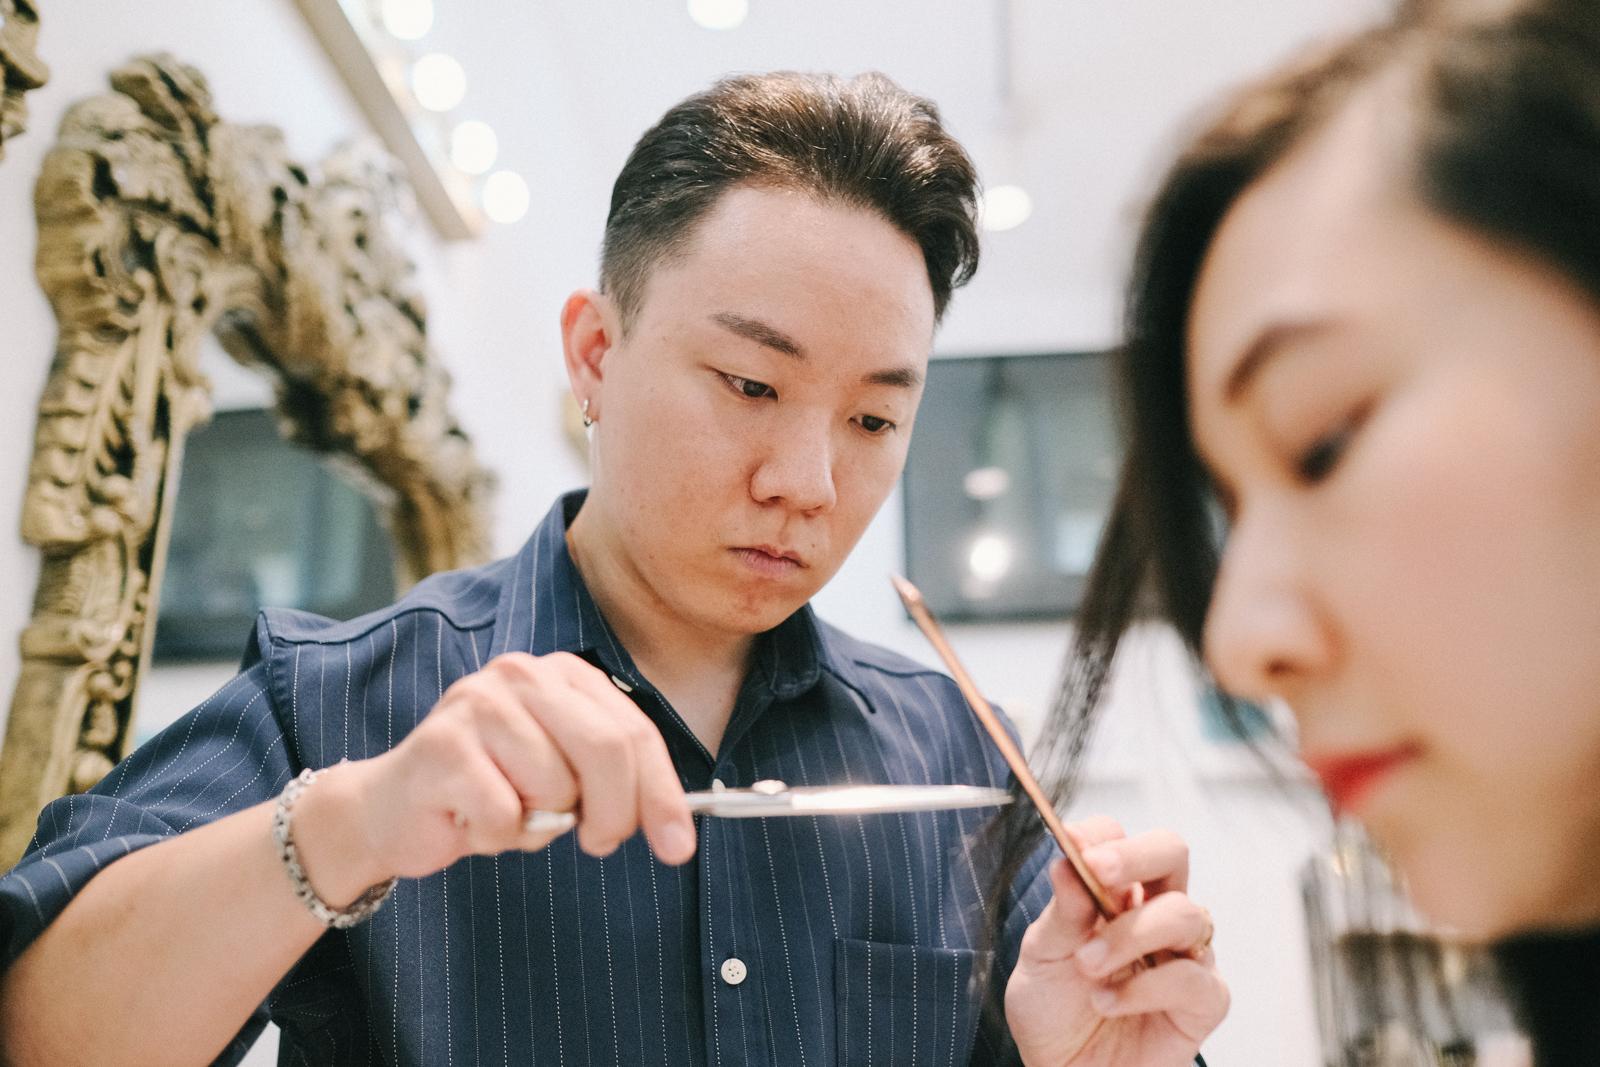 Tiệm làm tóc chuẩn Hàn giữa lòng Hà Nội: Tiết lộ luật bất thành văn khi làm tóc ở Hàn, chỉ ra sai lầm mà 90% khách Việt đều mắc phải - Ảnh 6.